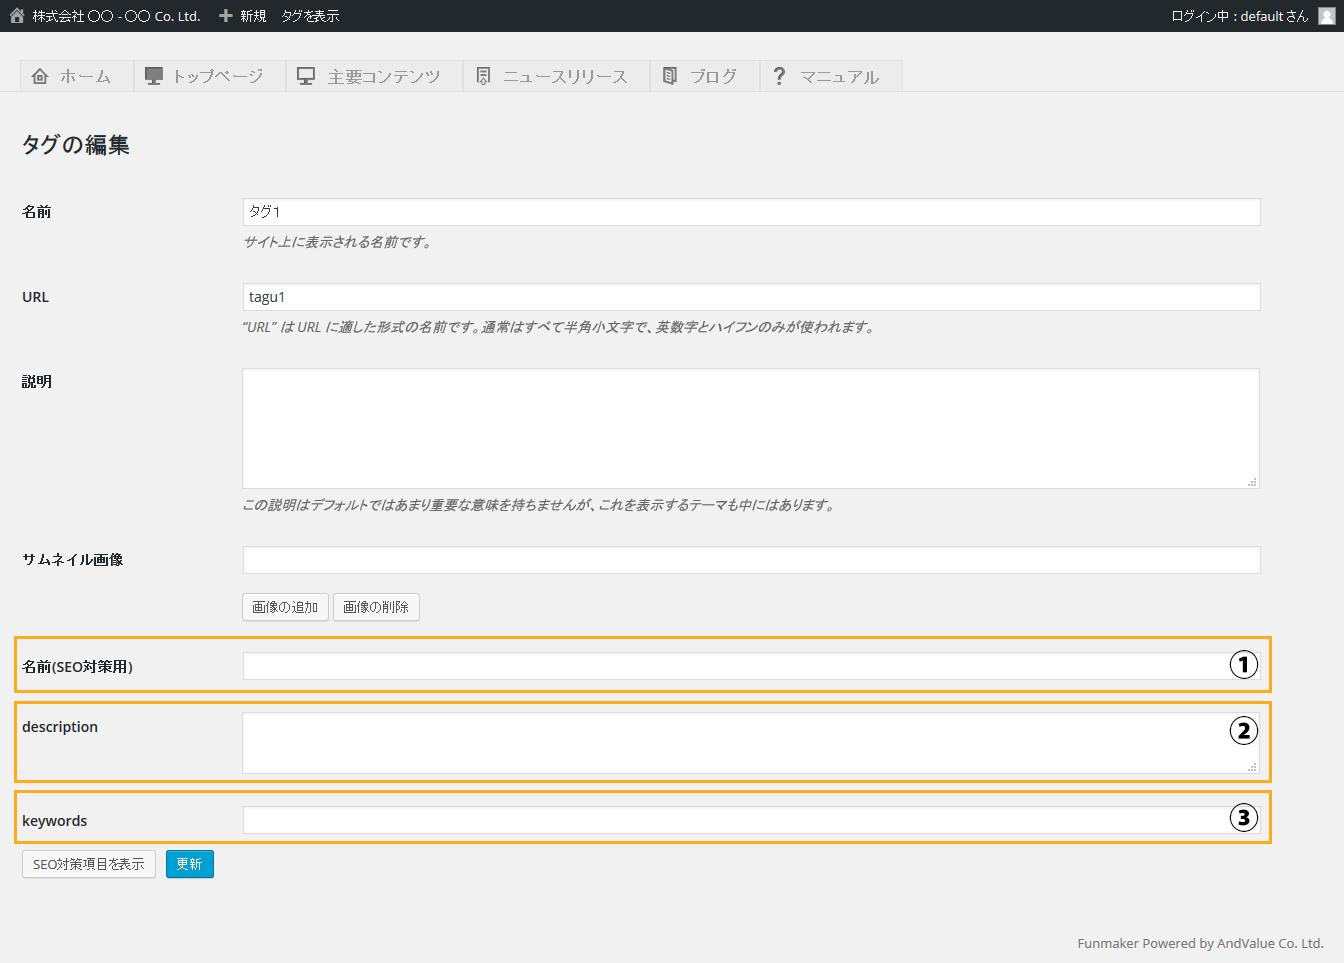 タグの編集・修正 SEO画面 - 簡単格安ホームページ作成会社 -FunMaker